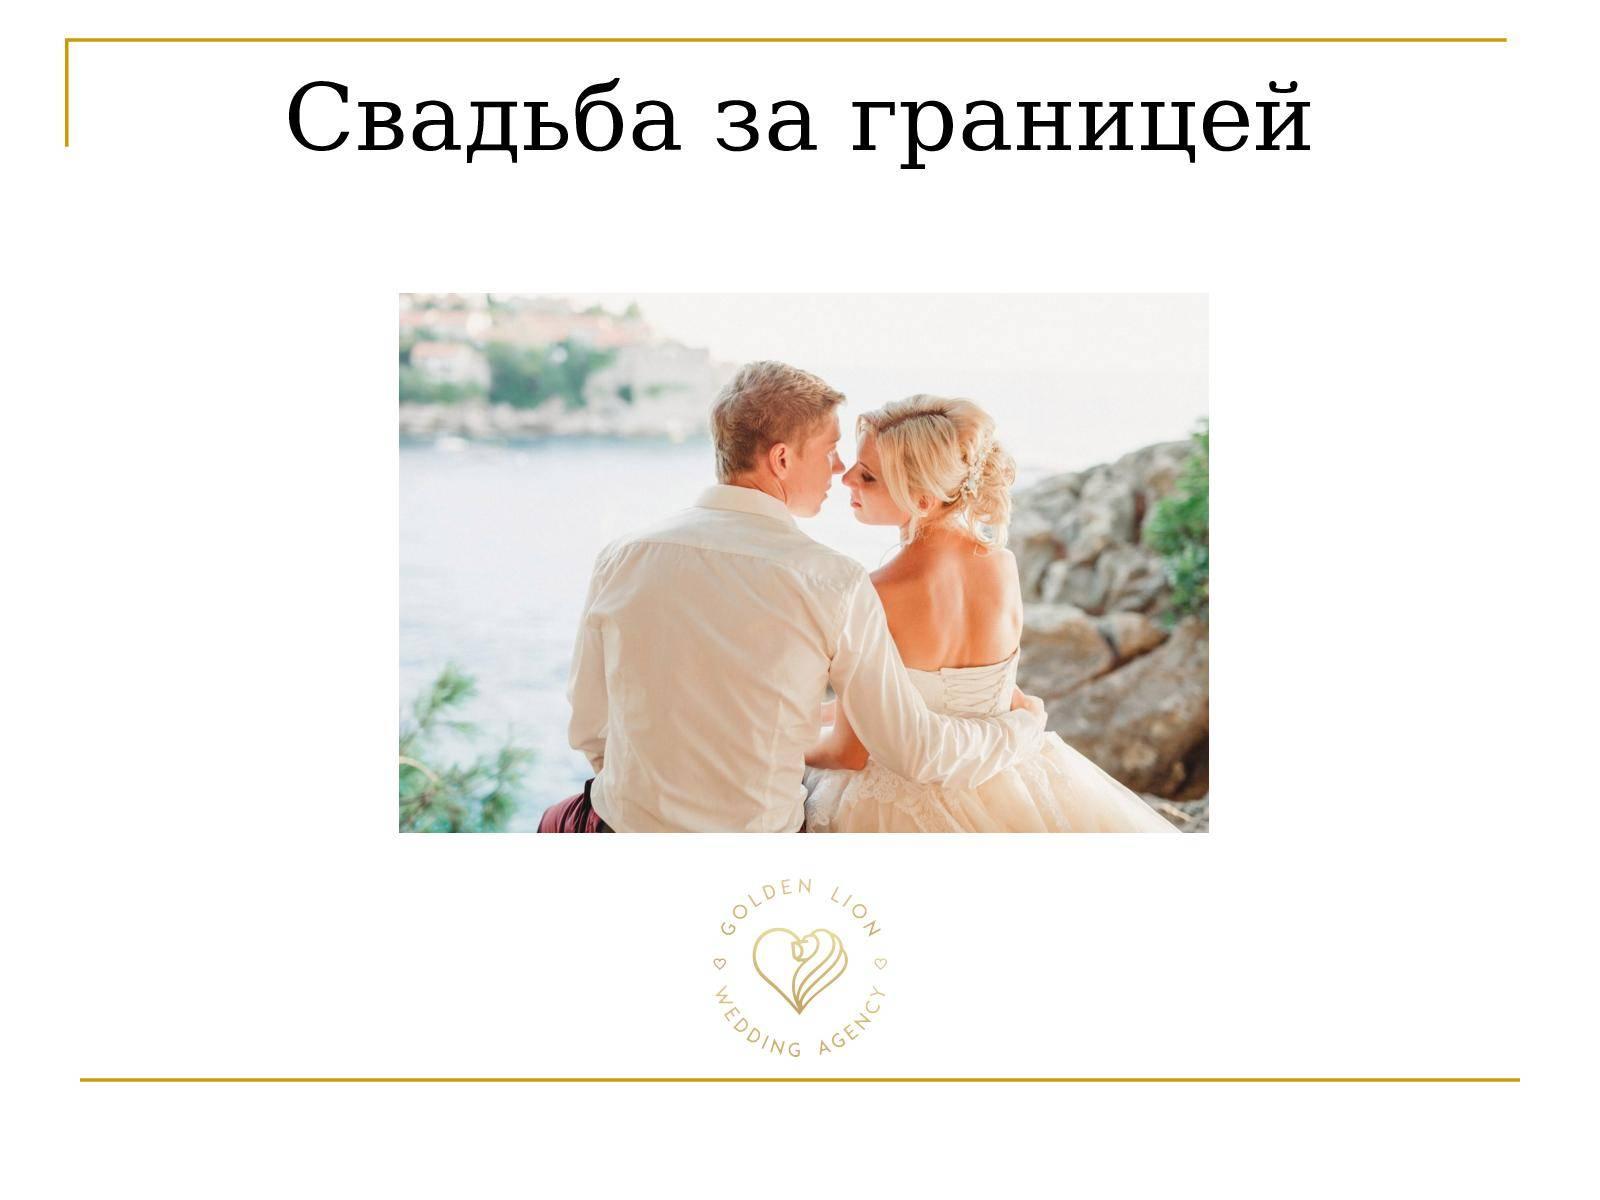 Чек-лист для невесты перед свадьбой